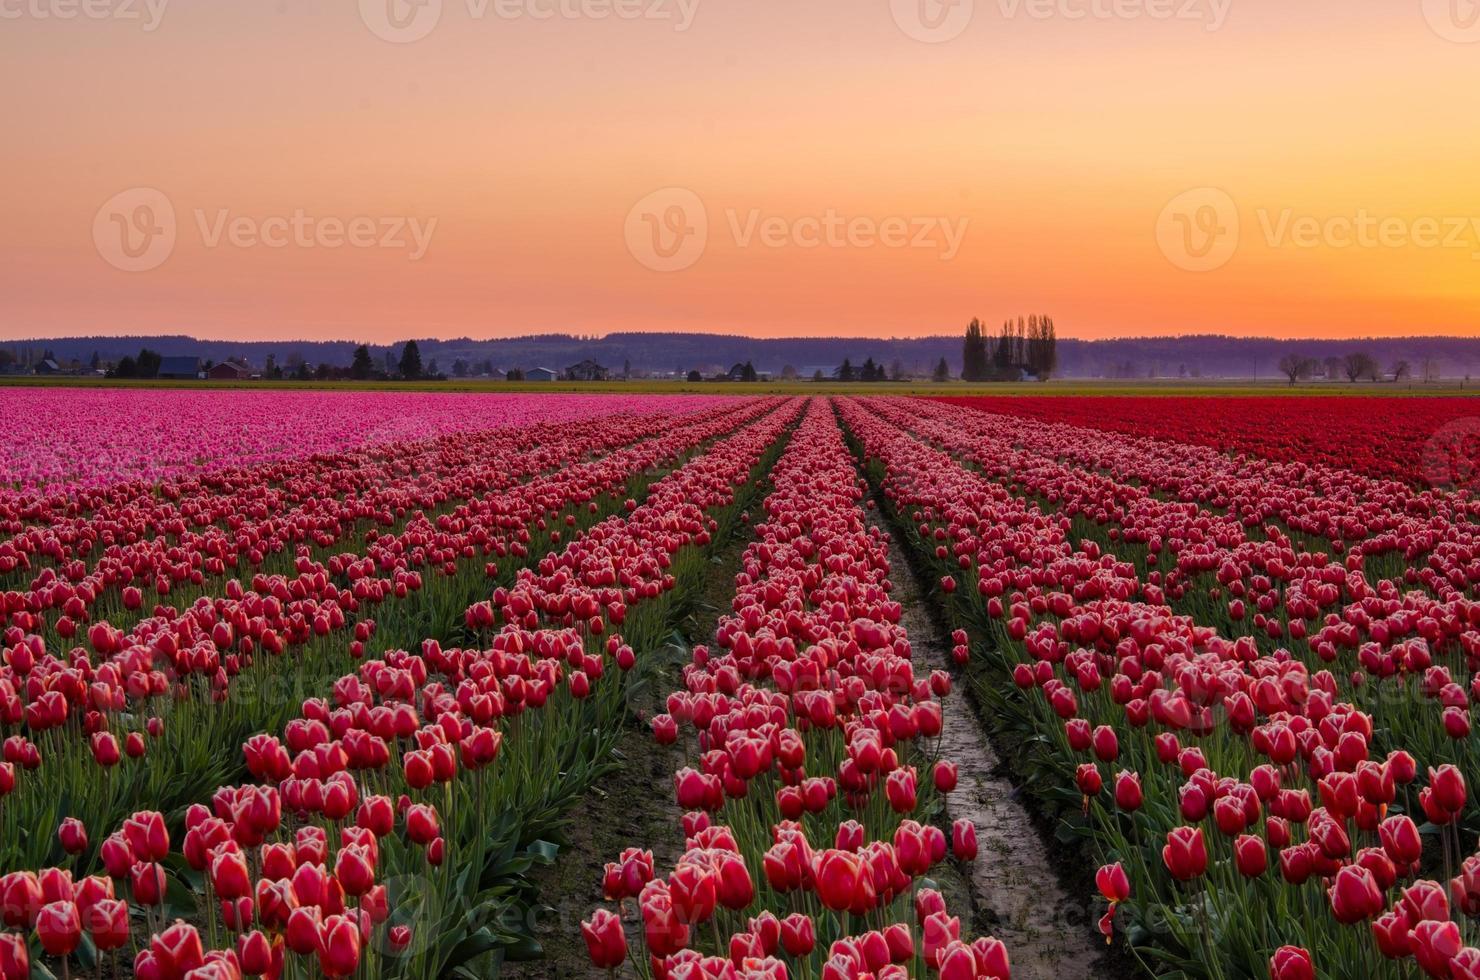 pôr do sol nos campos de tulipa do vale skagit foto